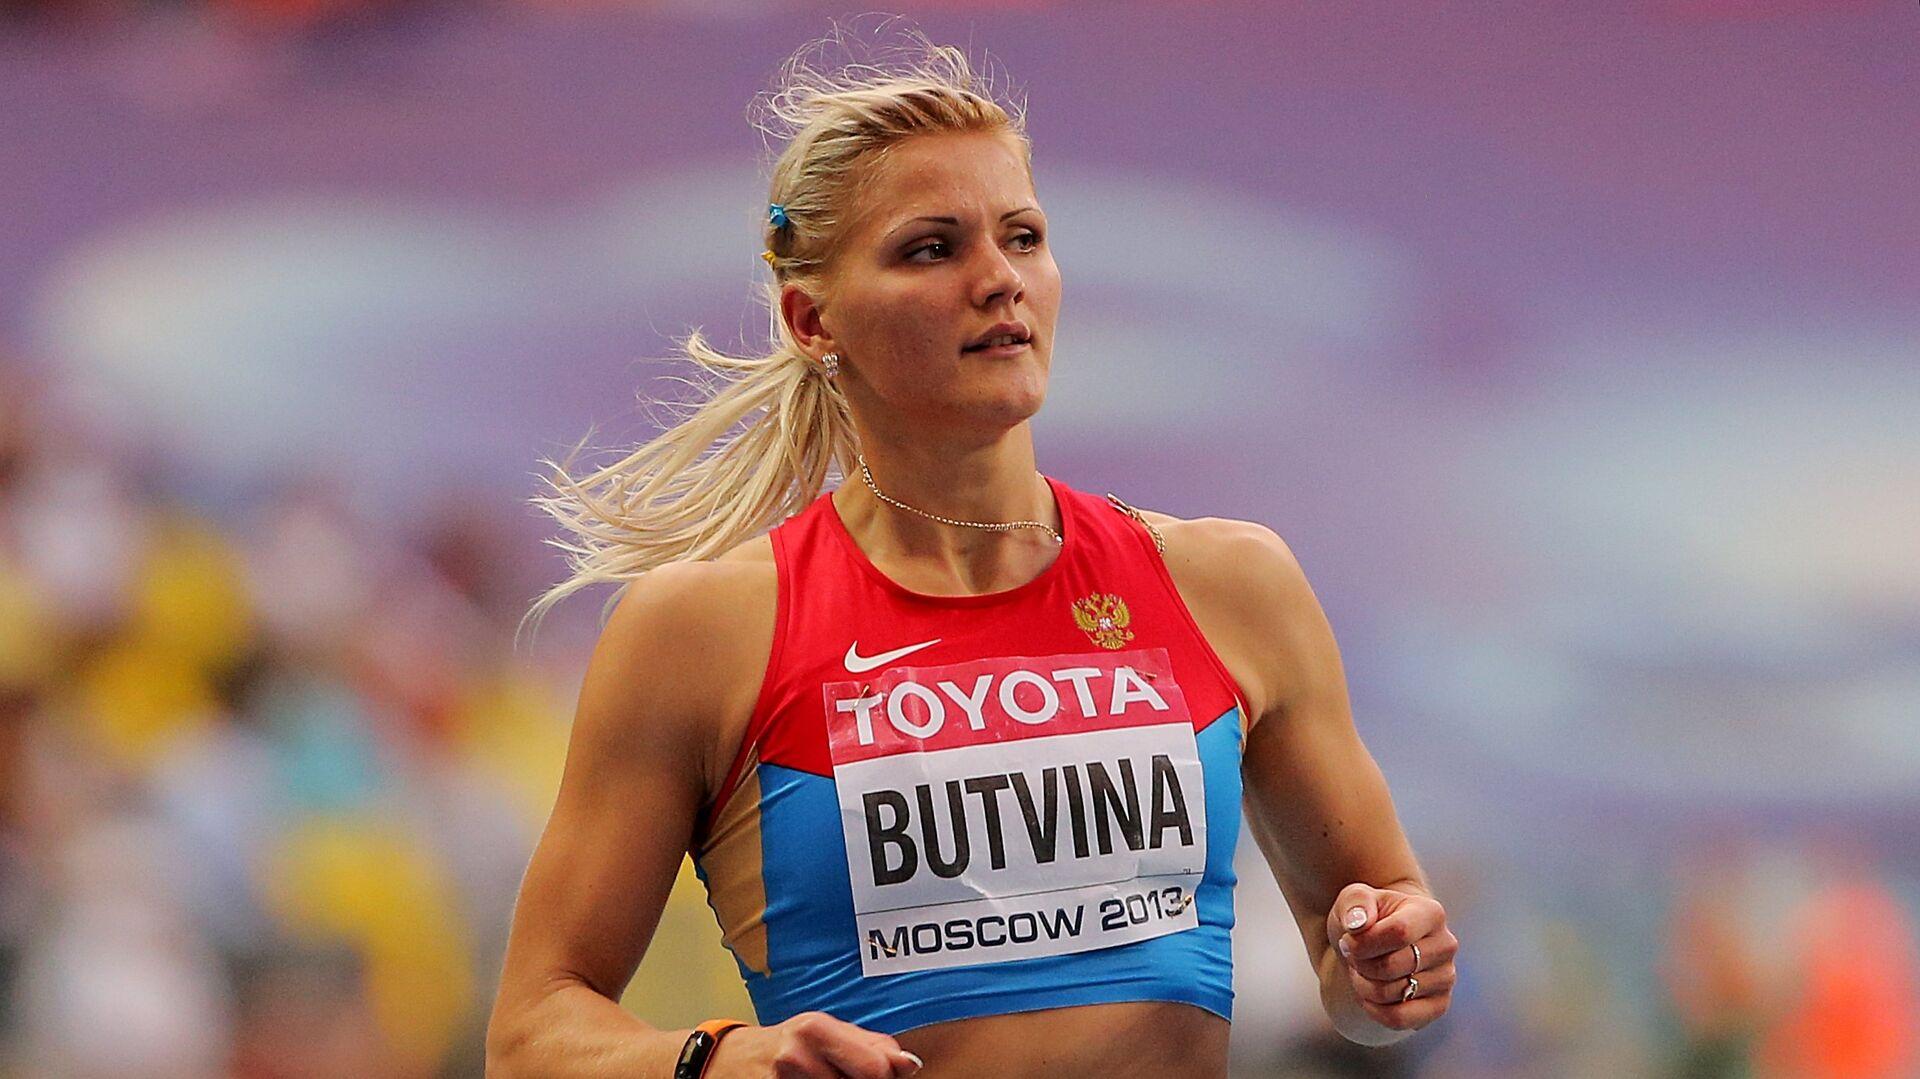 Российская спортсменка Александра Бутвина - РИА Новости, 1920, 10.09.2020